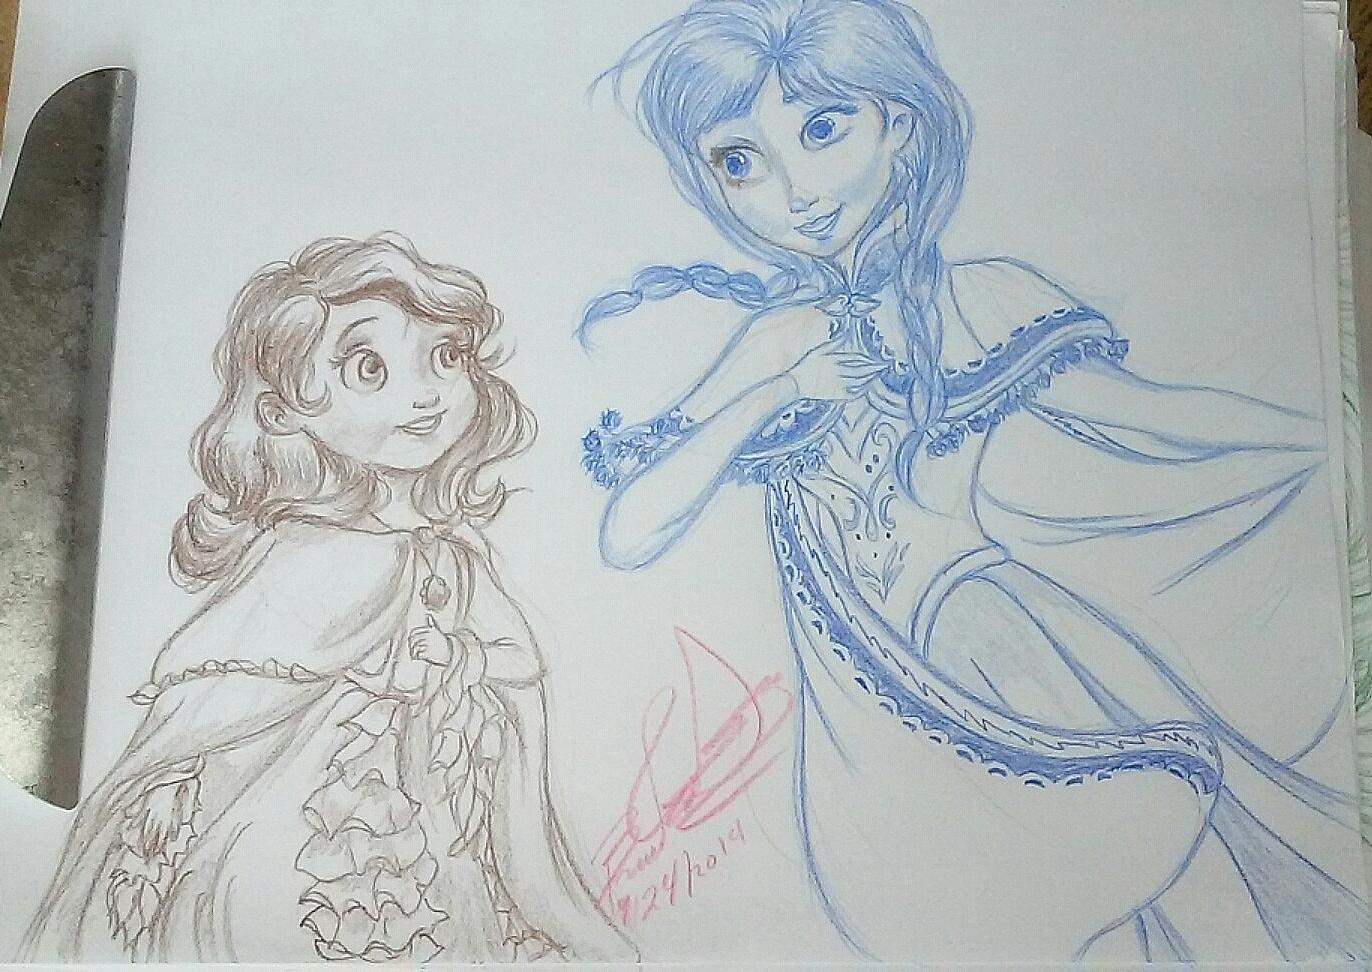 迪士尼公主 images request 由 winxclubgirl202 hd wallpaper and